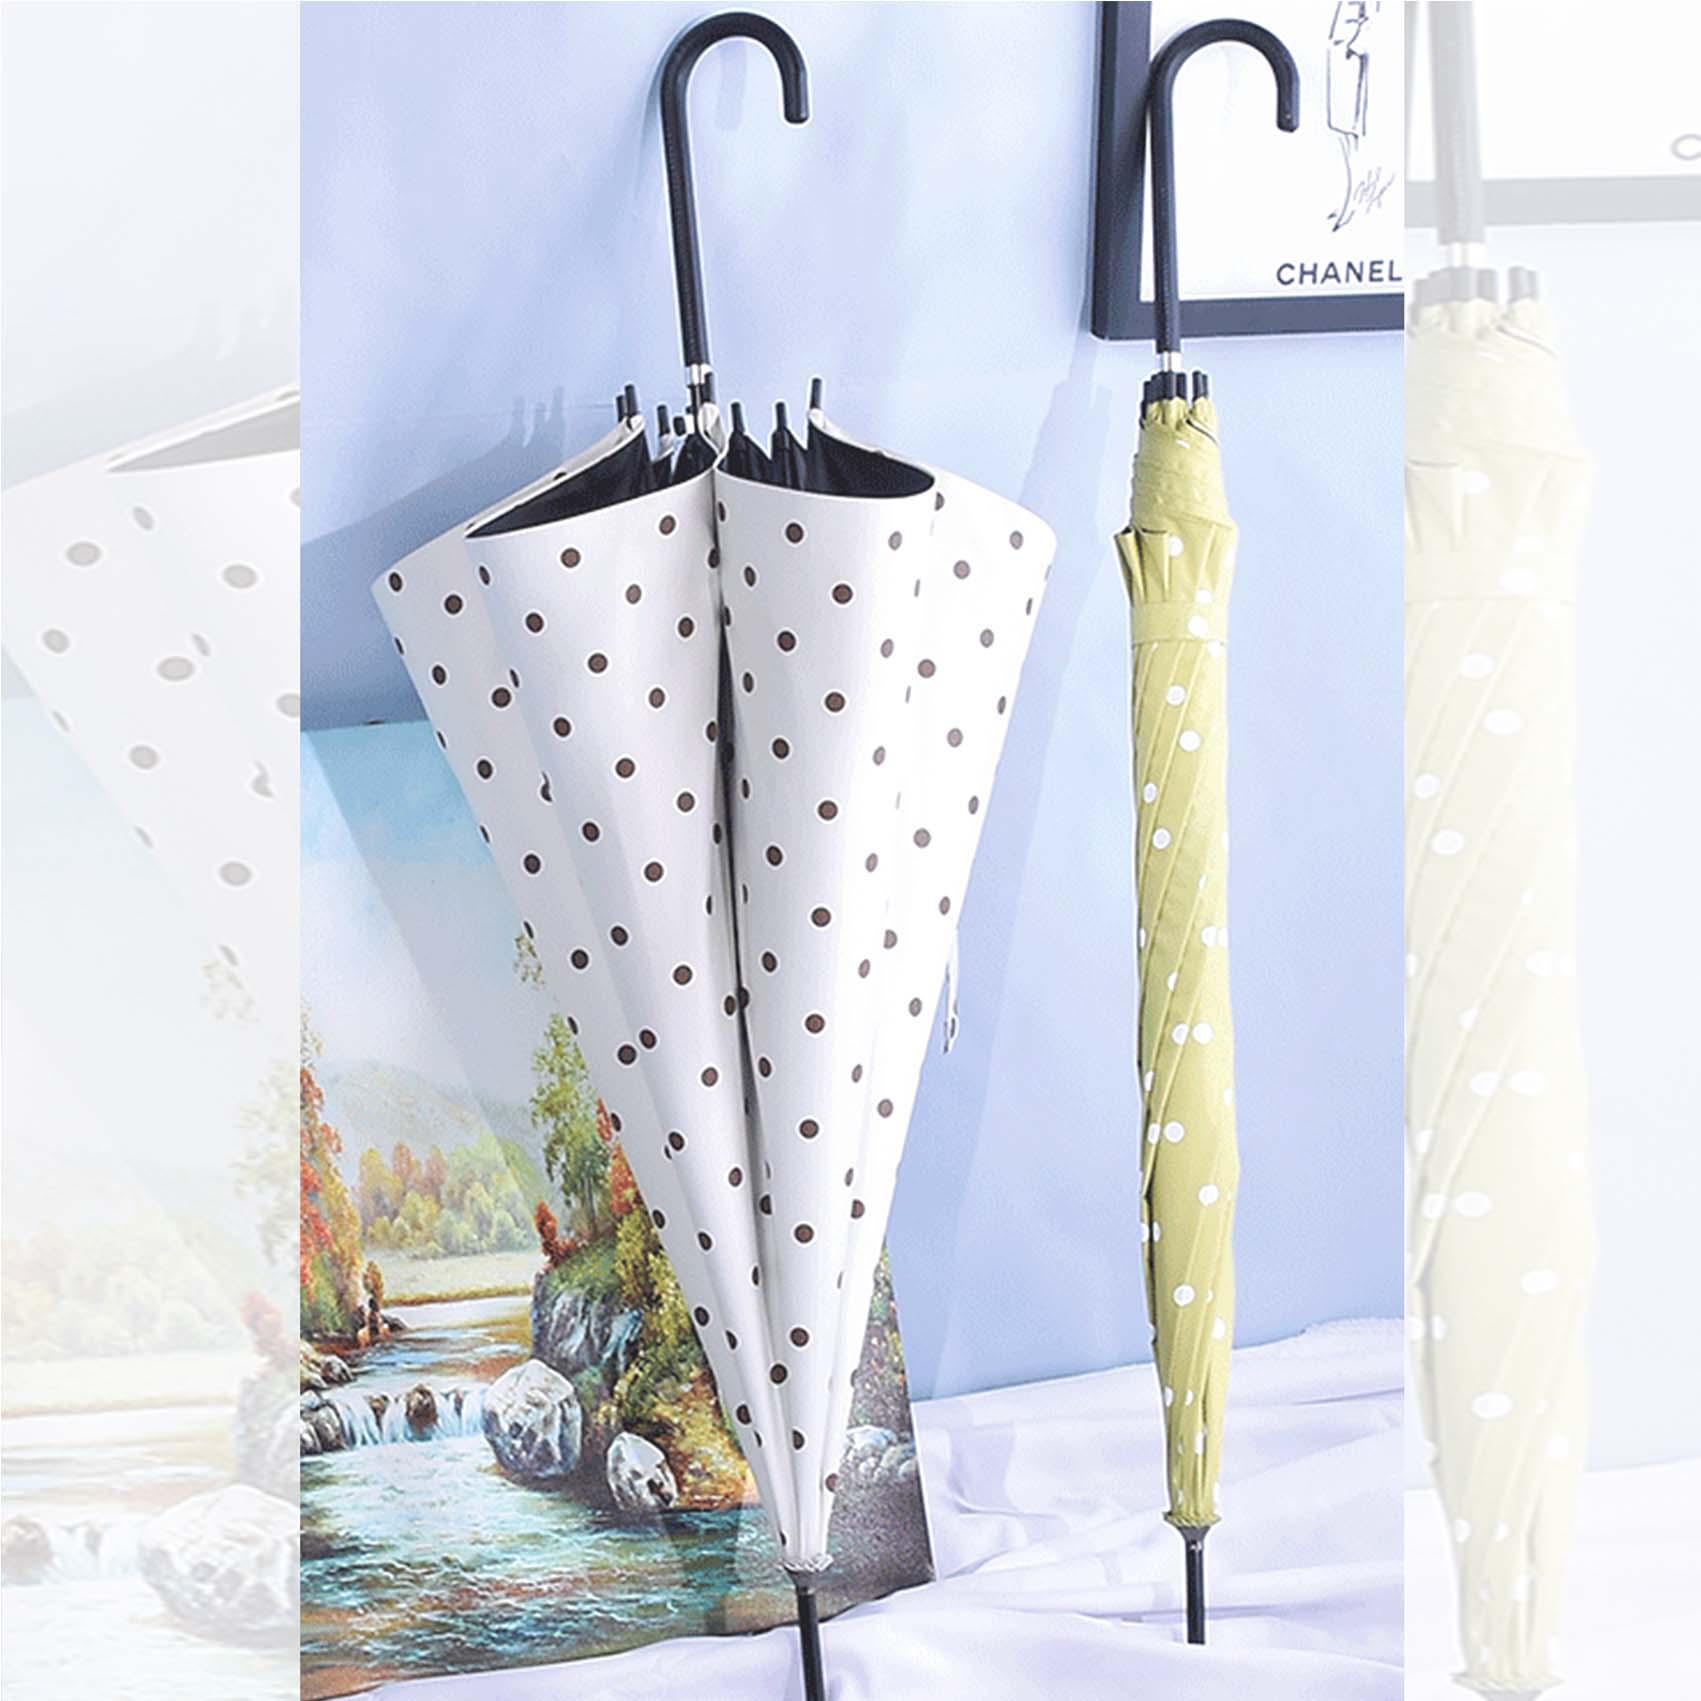 제이스 땡땡이 우양산 예쁜 도트장우산 UV차단 양우산 파스텔톤 예쁜장우산